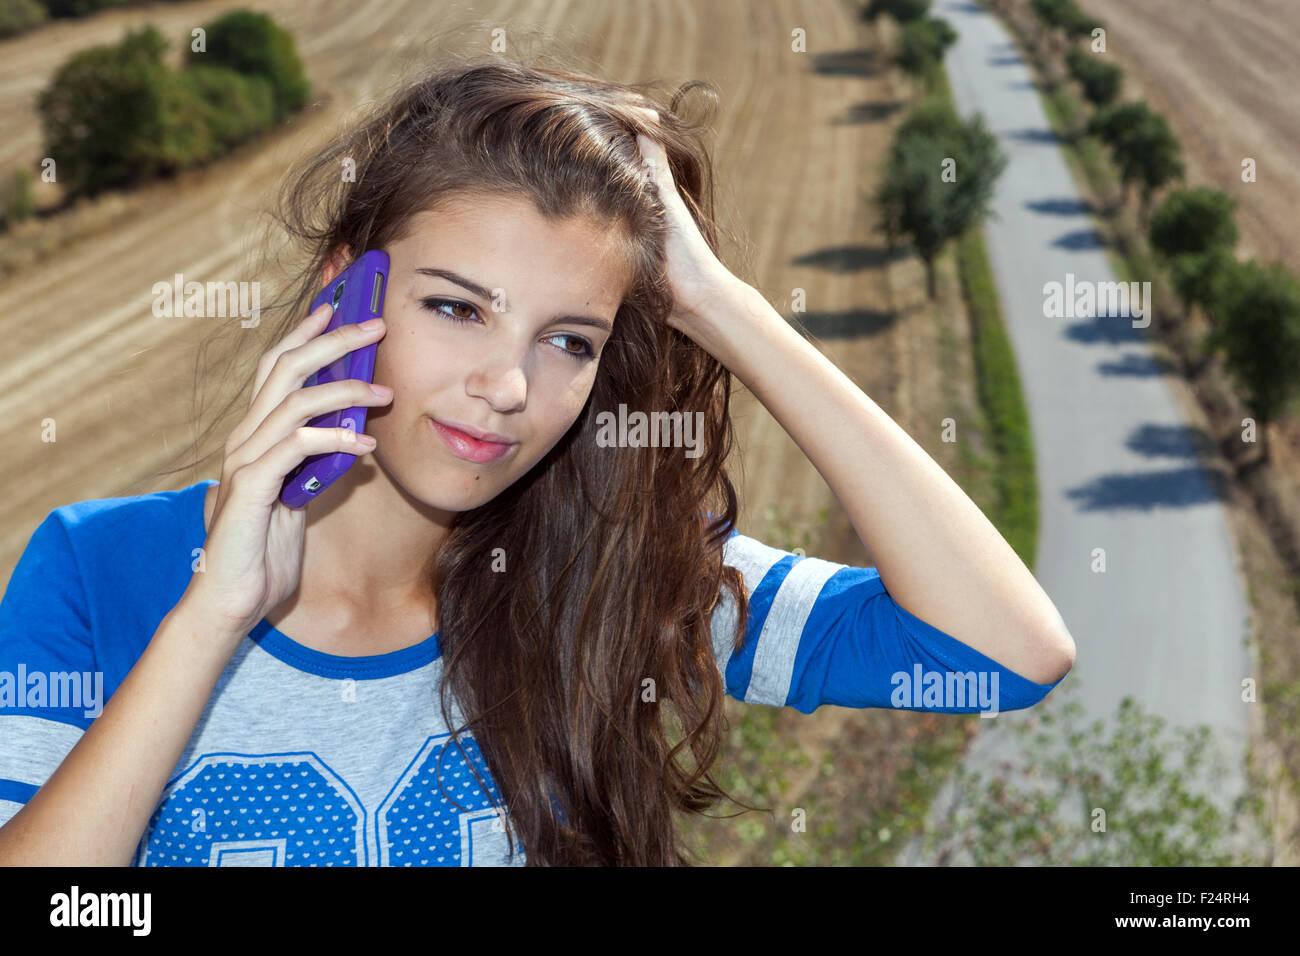 Joven hablando por teléfono móvil Imagen De Stock